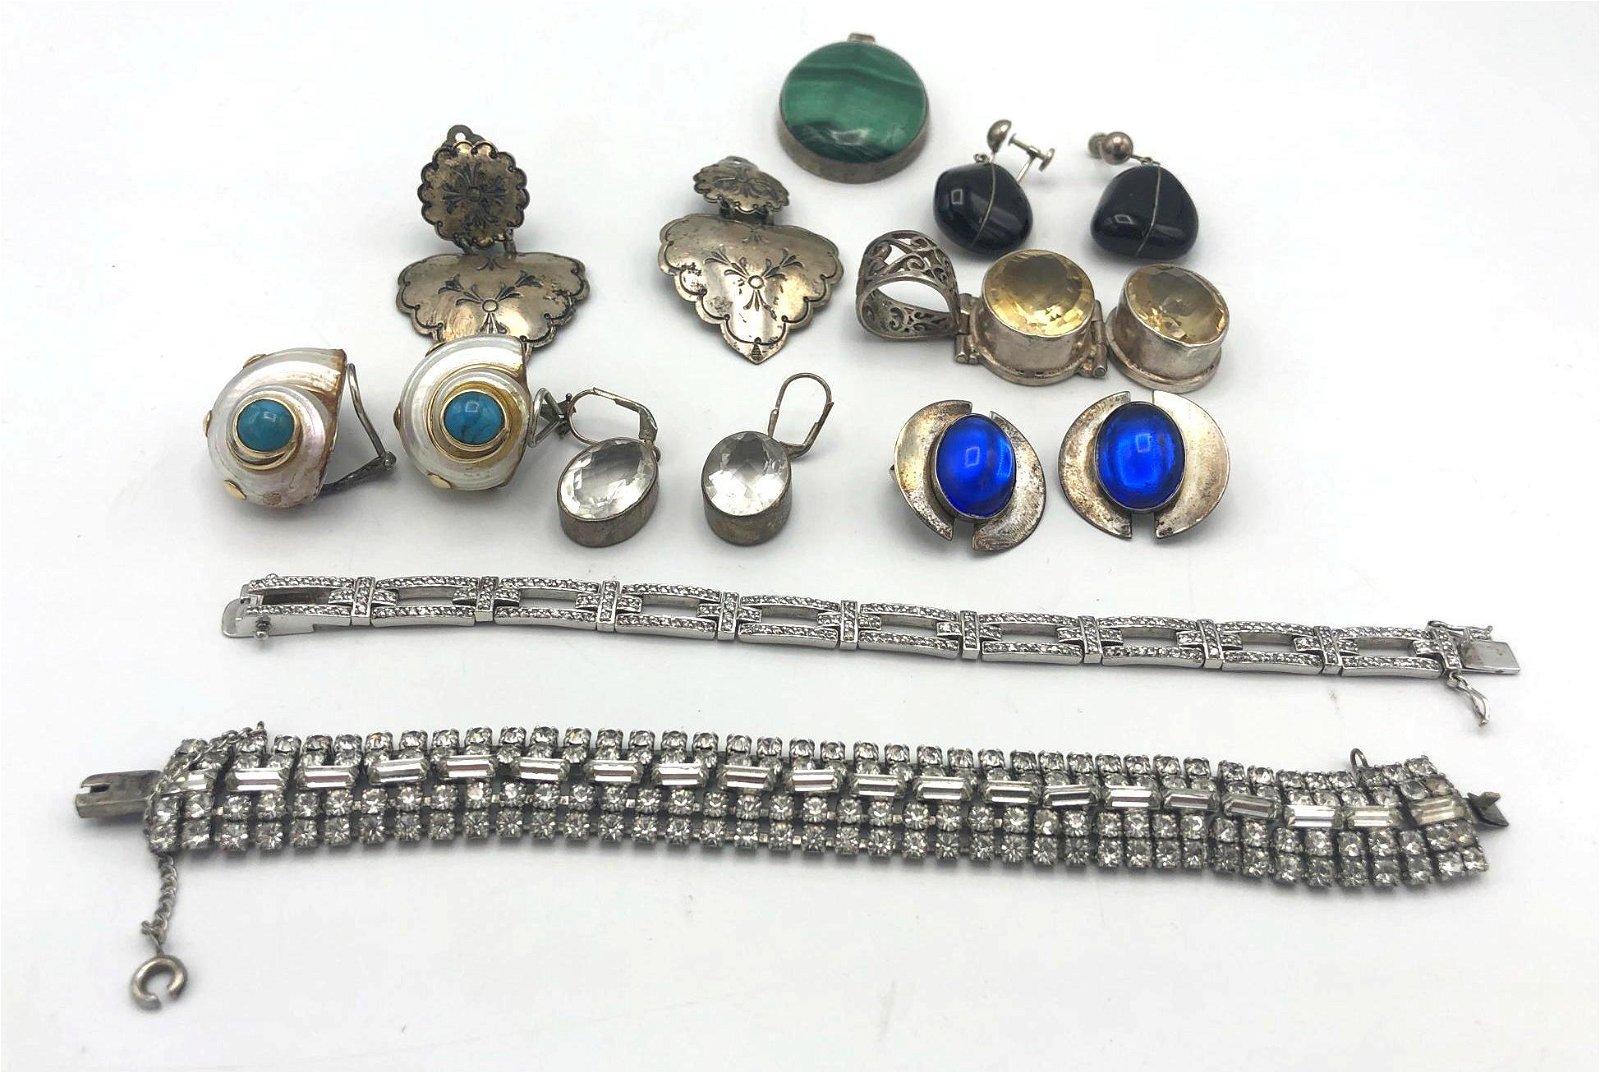 14 Pc Sterling Silver Jewelry Lot. Earrings, Pend